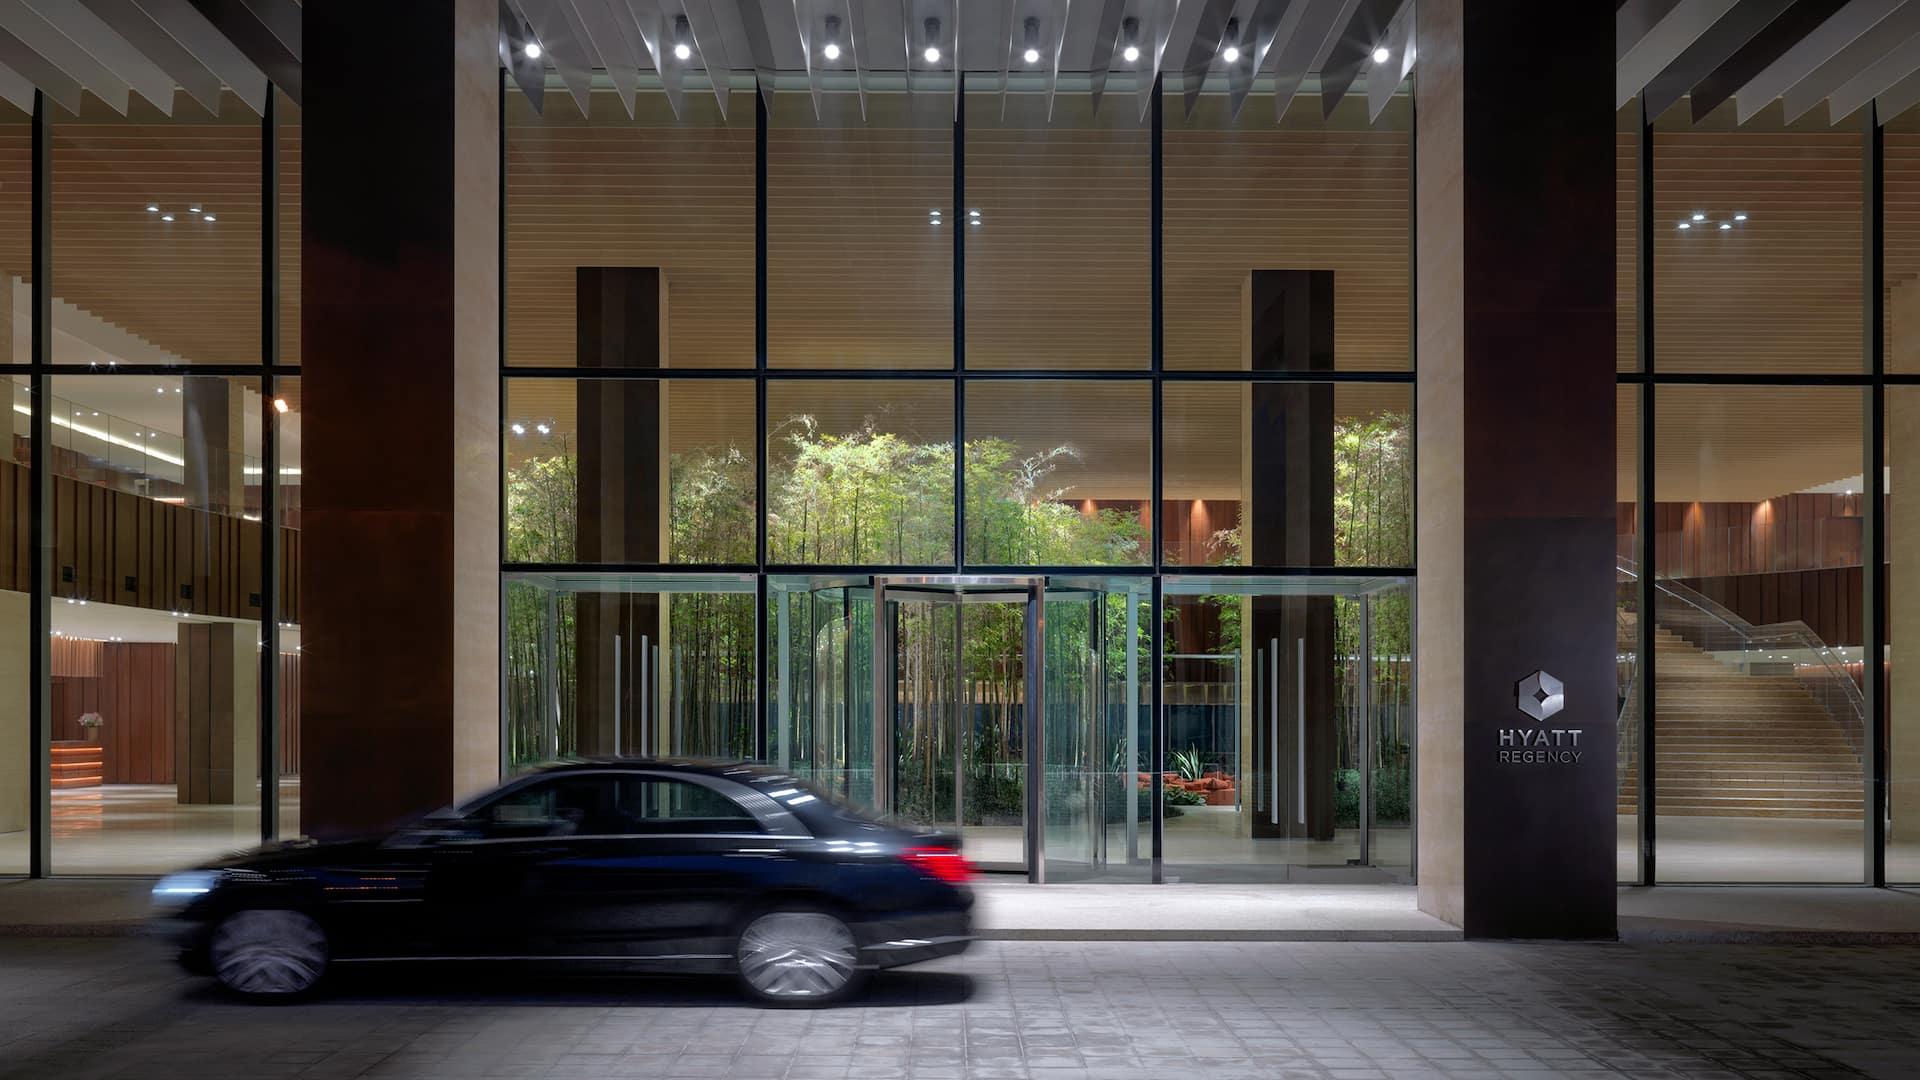 Hyatt Regency Beijing Wangjing Hotel Entrance